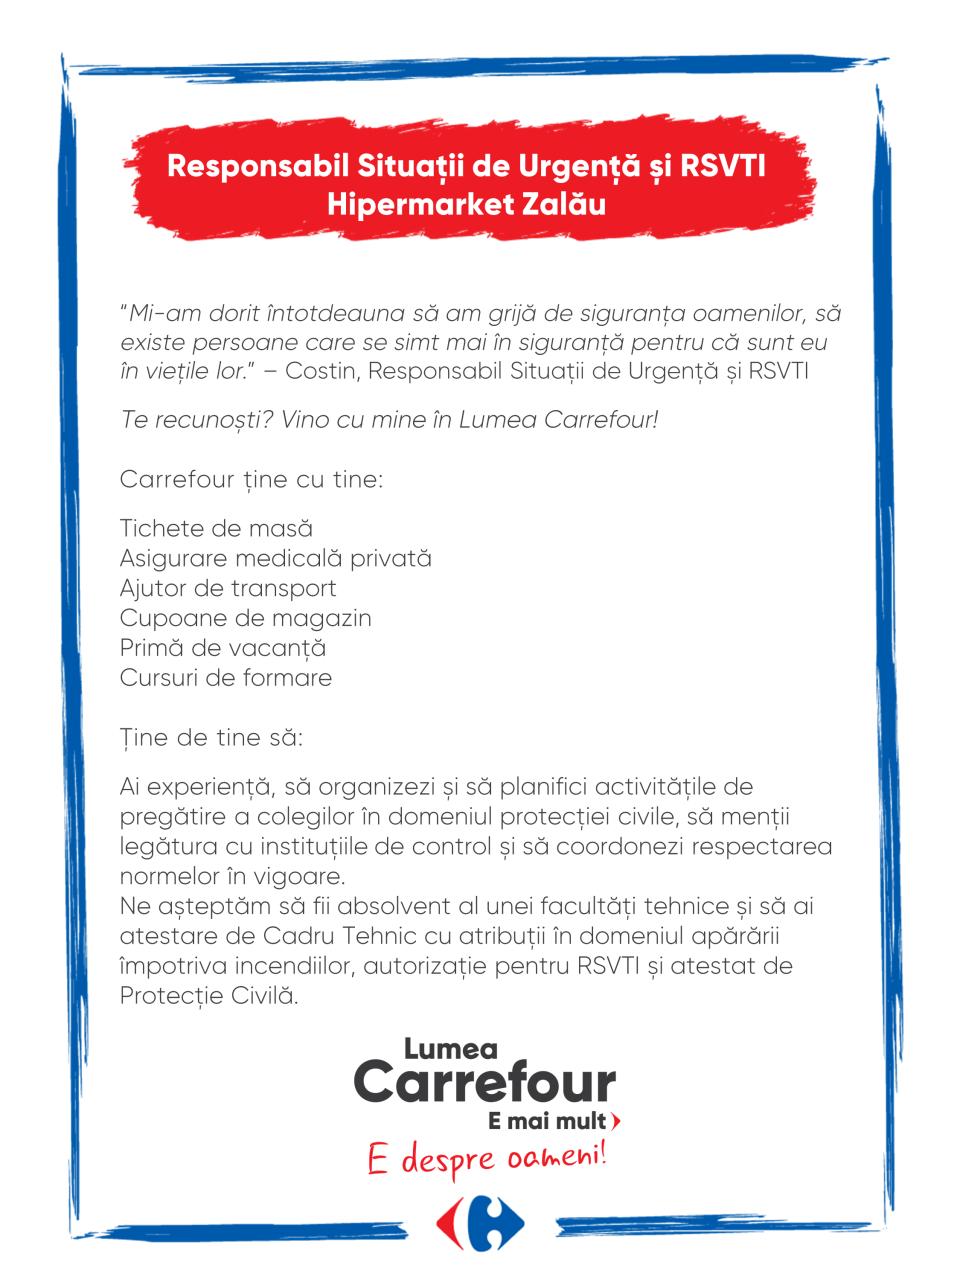 """""""Mi-am dorit întotdeauna să am grijă de siguranța oamenilor, să existe persoane care se simt mai în siguranță pentru că sunt eu în viețile lor."""" – Costin, Responsabil Situații de Urgență și RSVTI  Te recunoști? Vino cu mine în Lumea Carrefour!  Carrefour ține cu tine:  Tichete de masă Asigurare medicală privată Ajutor de transport Cupoane de magazin Primă de vacanță Cursuri de formare  Ţine de tine să:  Ai experiență, să organizezi și să planifici activitățile de pregătire a colegilor în domeniul protecției civile, să menții legătura cu instituțiile de control și să coordonezi respectarea normelor în vigoare. Ne așteptăm să fii absolvent al unei facultăți tehnice și să ai atestare de Cadru Tehnic cu atribuții în domeniul apărării împotriva incendiilor, autorizație pentru RSVTI și atestat de Protecție Civilă.  """"Mi-am dorit întotdeauna să am grijă de siguranța oamenilor, să existe persoane care se simt mai în siguranță pentru că sunt eu în viețile lor."""" – Costin, Responsabil Situații de Urgență și RSVTI  Te recunoști? Vino cu mine în Lumea Carrefour!  Carrefour ține cu tine:  Tichete de masă Asigurare medicală privată Ajutor de transport Cupoane de magazin Primă de vacanță Cursuri de formare  Ţine de tine să:  Ai experiență, să organizezi și să planifici activitățile de pregătire a colegilor în domeniul protecției civile, să menții legătura cu instituțiile de control și să coordonezi respectarea normelor în vigoare. Ne așteptăm să fii absolvent al unei facultăți tehnice și să ai atestare de Cadru Tehnic cu atribuții în domeniul apărării împotriva incendiilor, autorizație pentru RSVTI și atestat de Protecție Civilă.  situatii de urgenta apararea contra incendiilor protectie civila RSVTI Lumea Carrefour e mai mult. E despre oameni!Lumea noastră? E despre prietenia fără vârstă și bucuria de a fi buni în ceea ce facem. Despre diversitatea meseriilor, dar mai ales despre diversitatea membrilor unei mari familii. Despre emoția primului job și satisfacția pe care o avem când"""